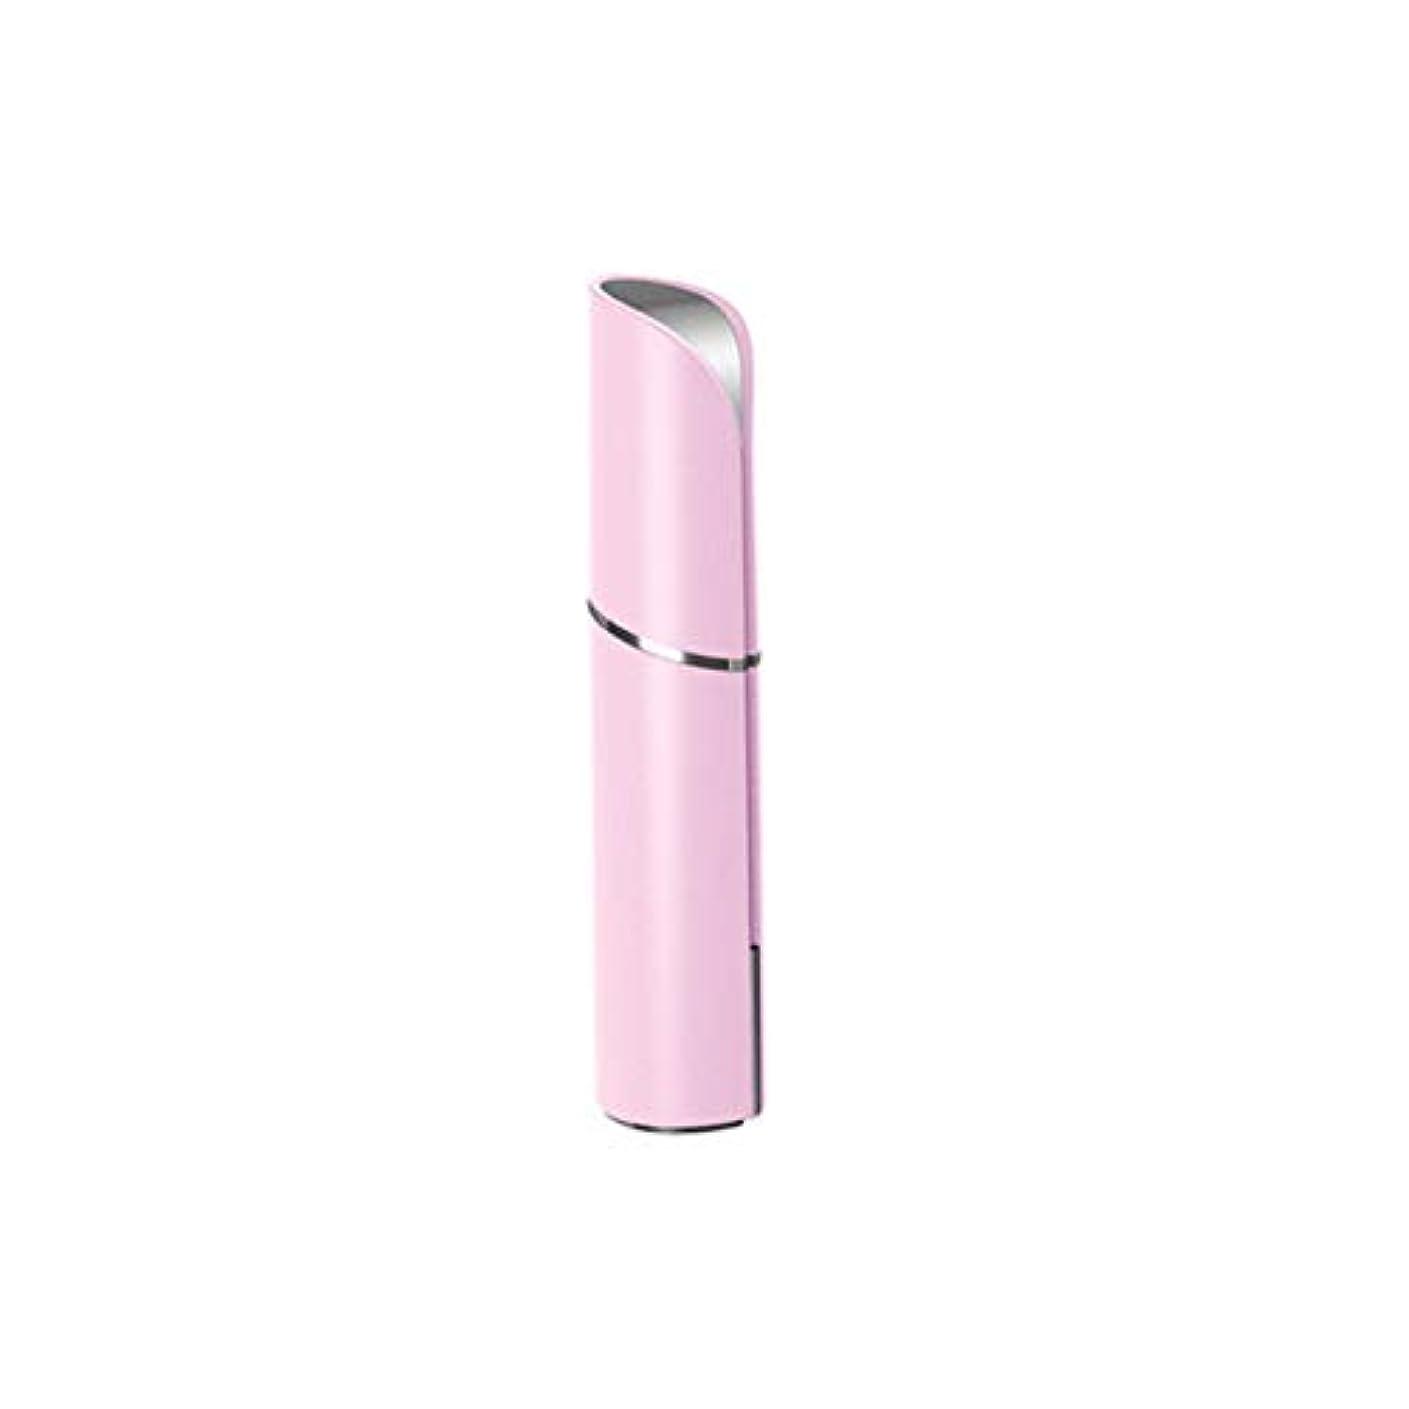 ヘルパー基礎理論スライムマッサージャー - 黒丸アンチリンクルアイバッグ美容機器アーティファクト女性に行く (Color : Pink)